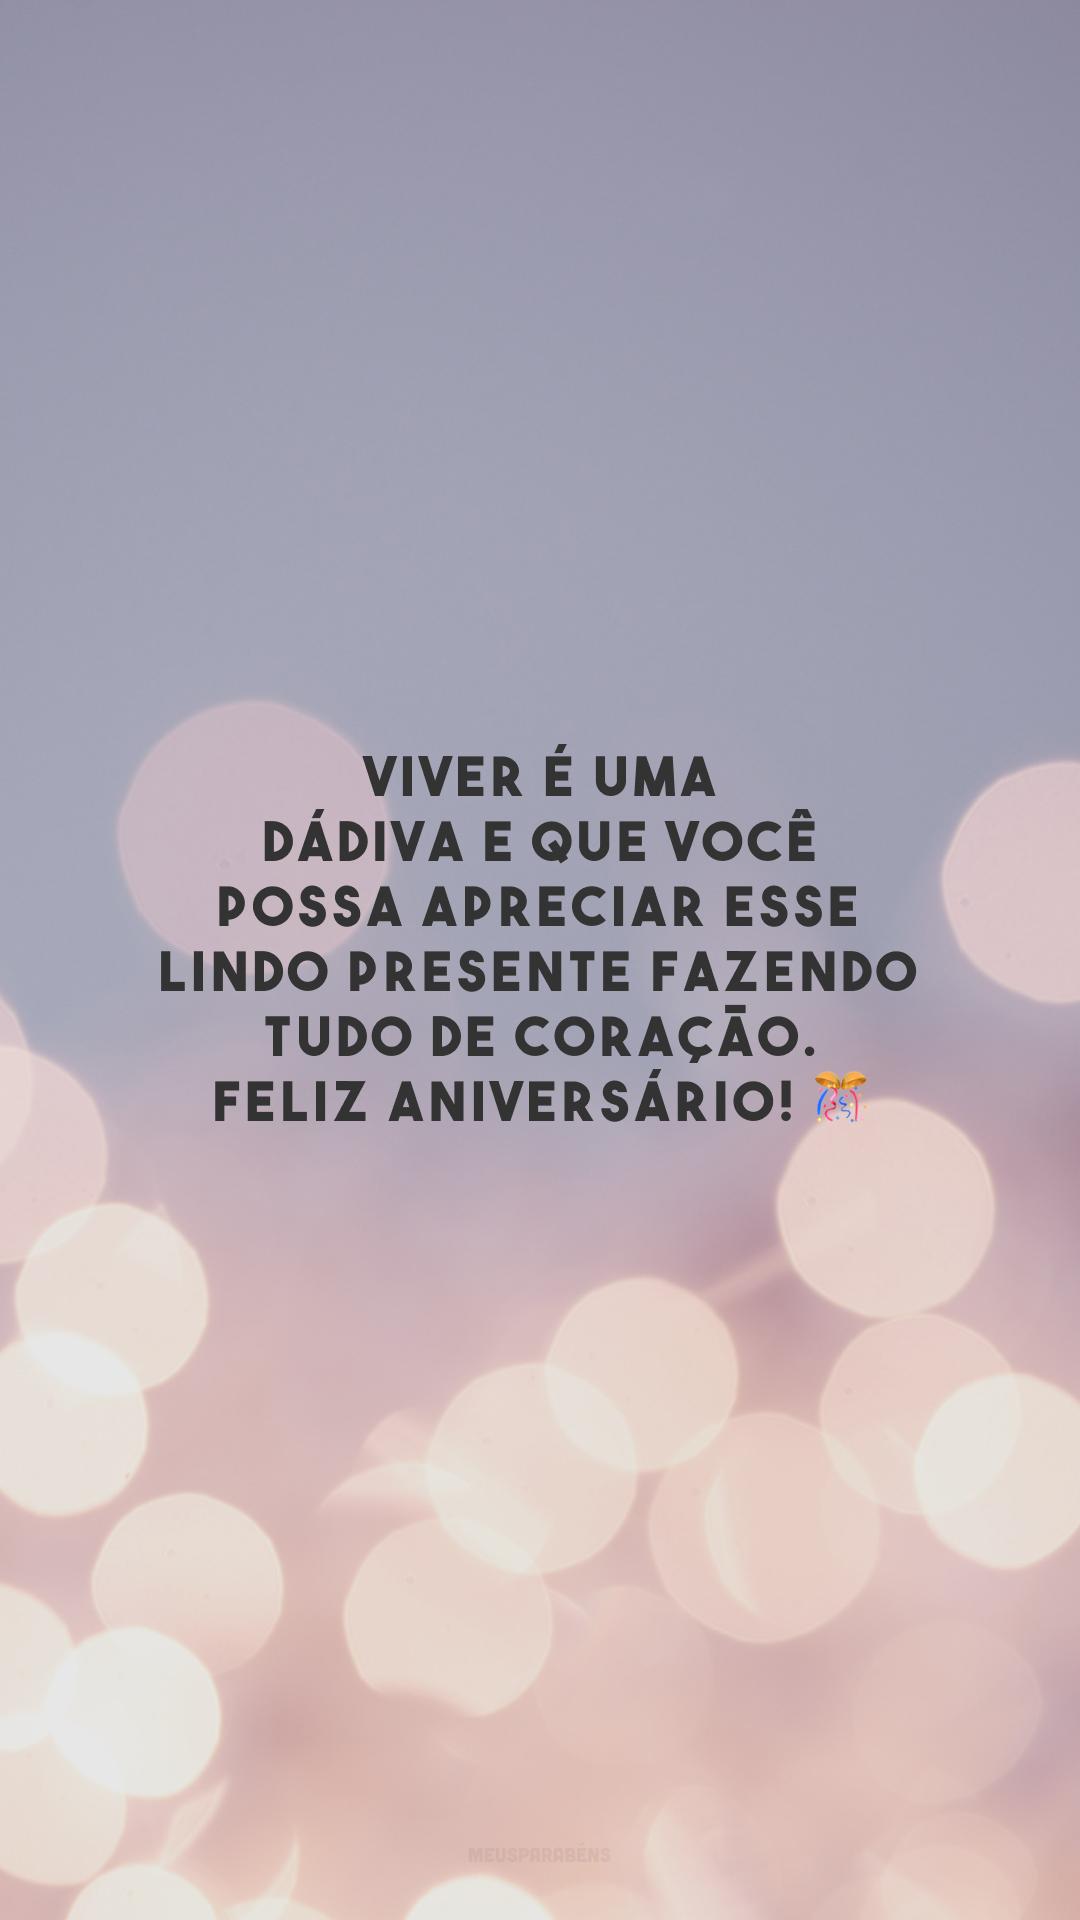 Viver é uma dádiva e que você possa apreciar esse lindo presente fazendo tudo de coração. Feliz aniversário! 🎊